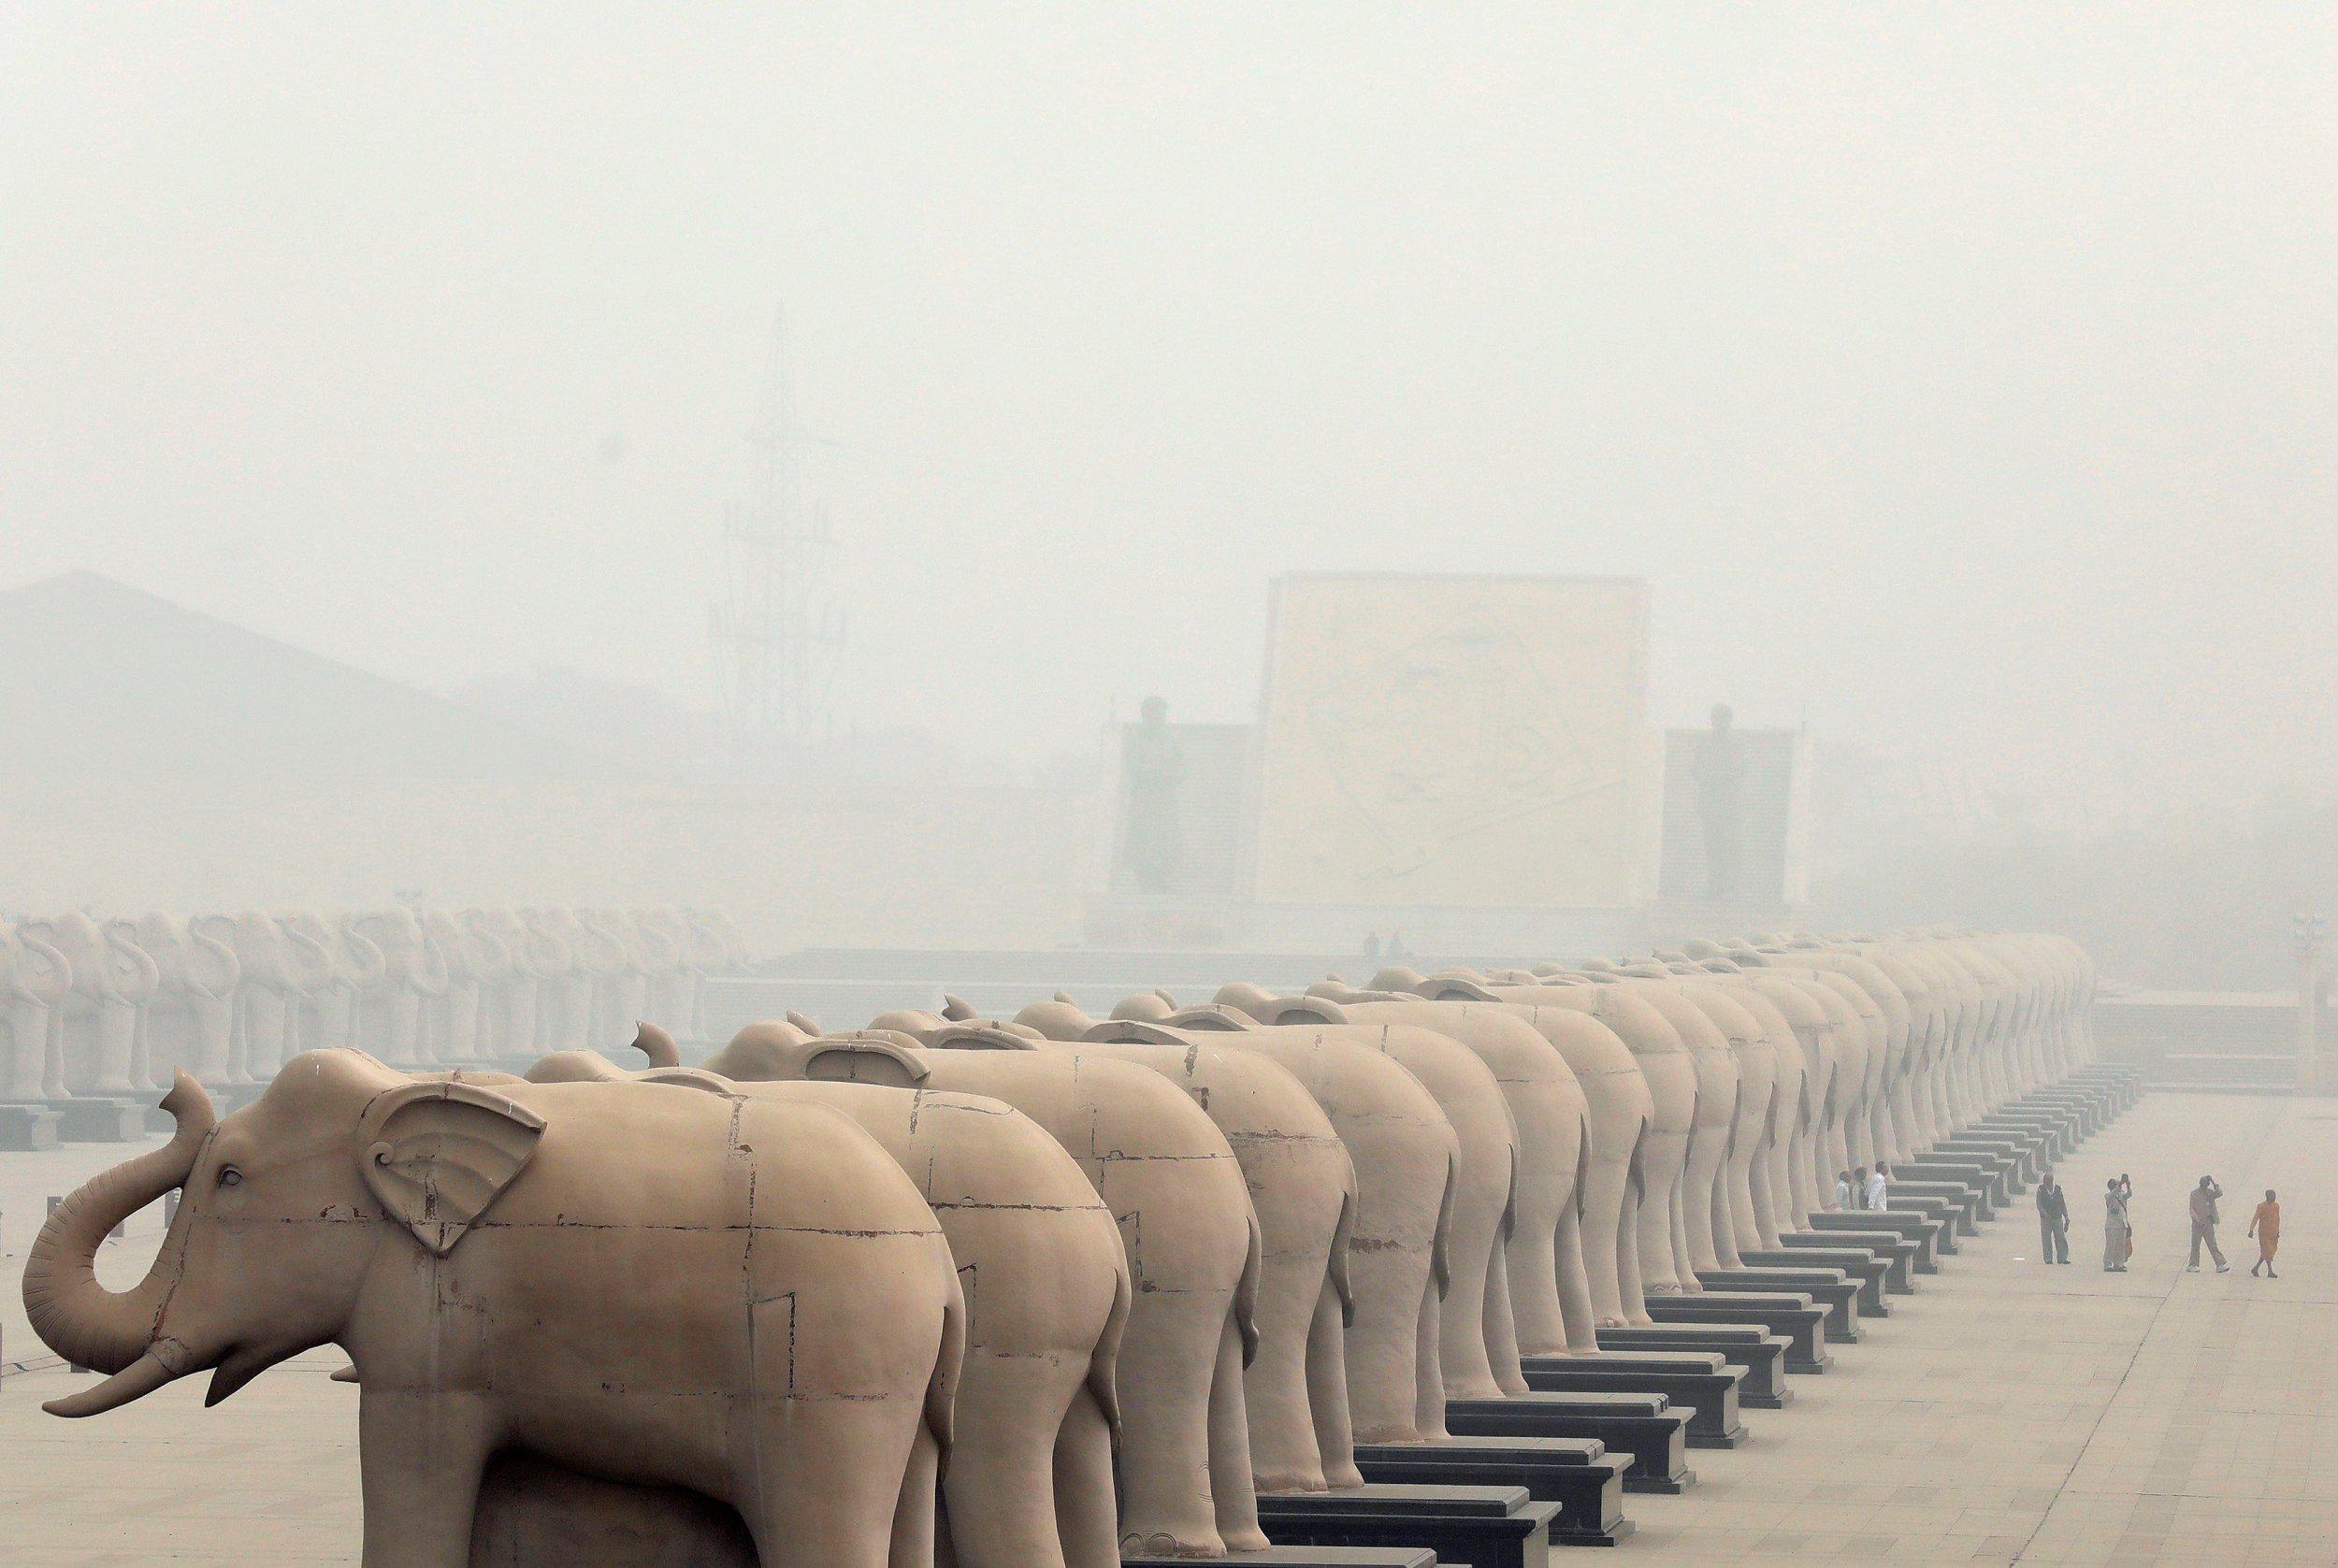 Elephants smog